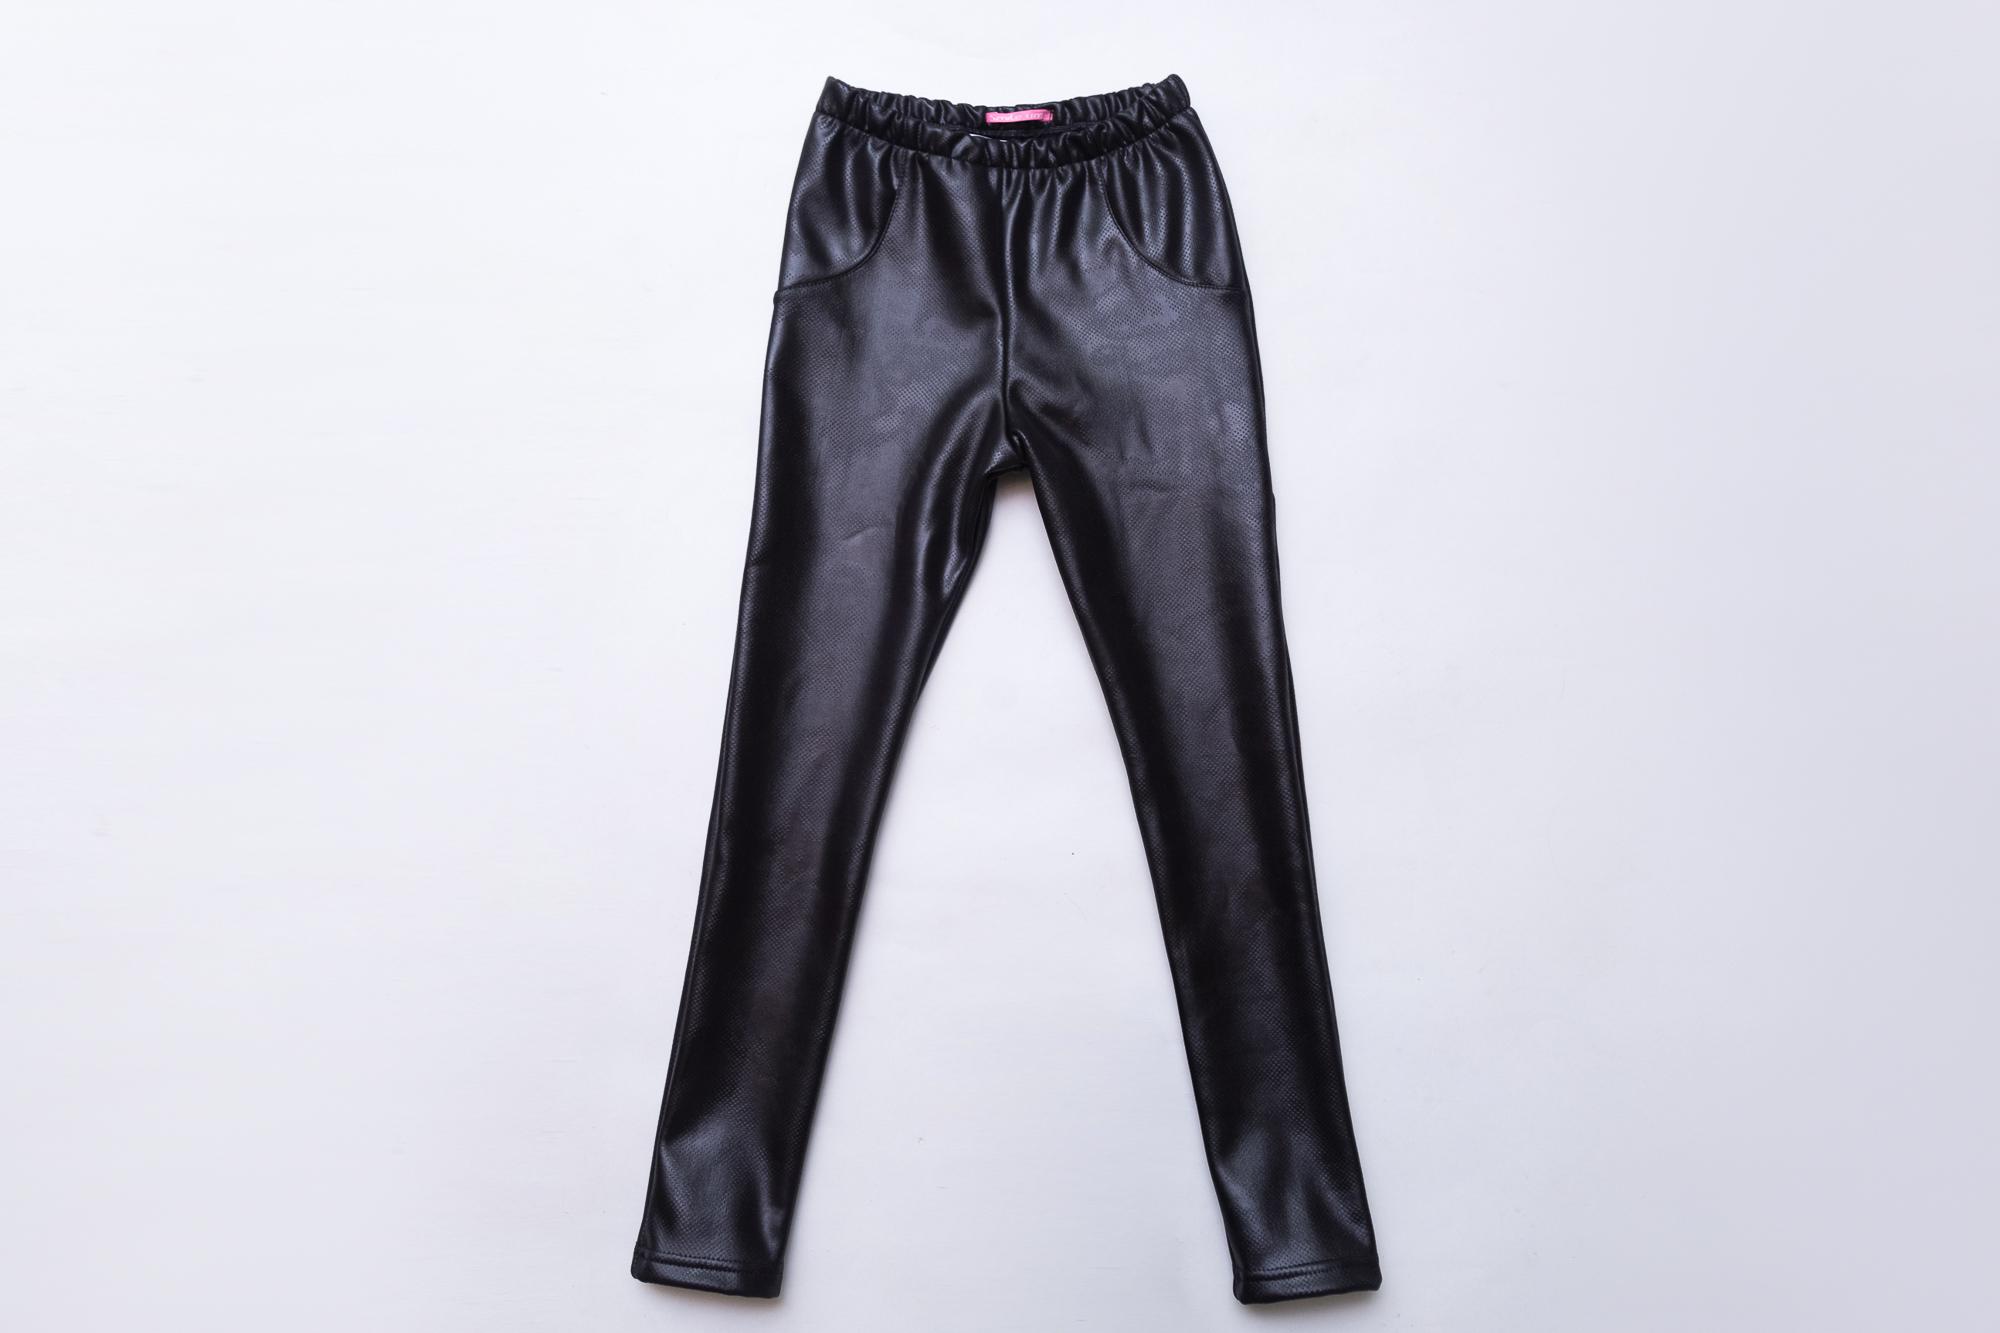 Лосины SmileTime для девочки на меху Leather perforation, черные